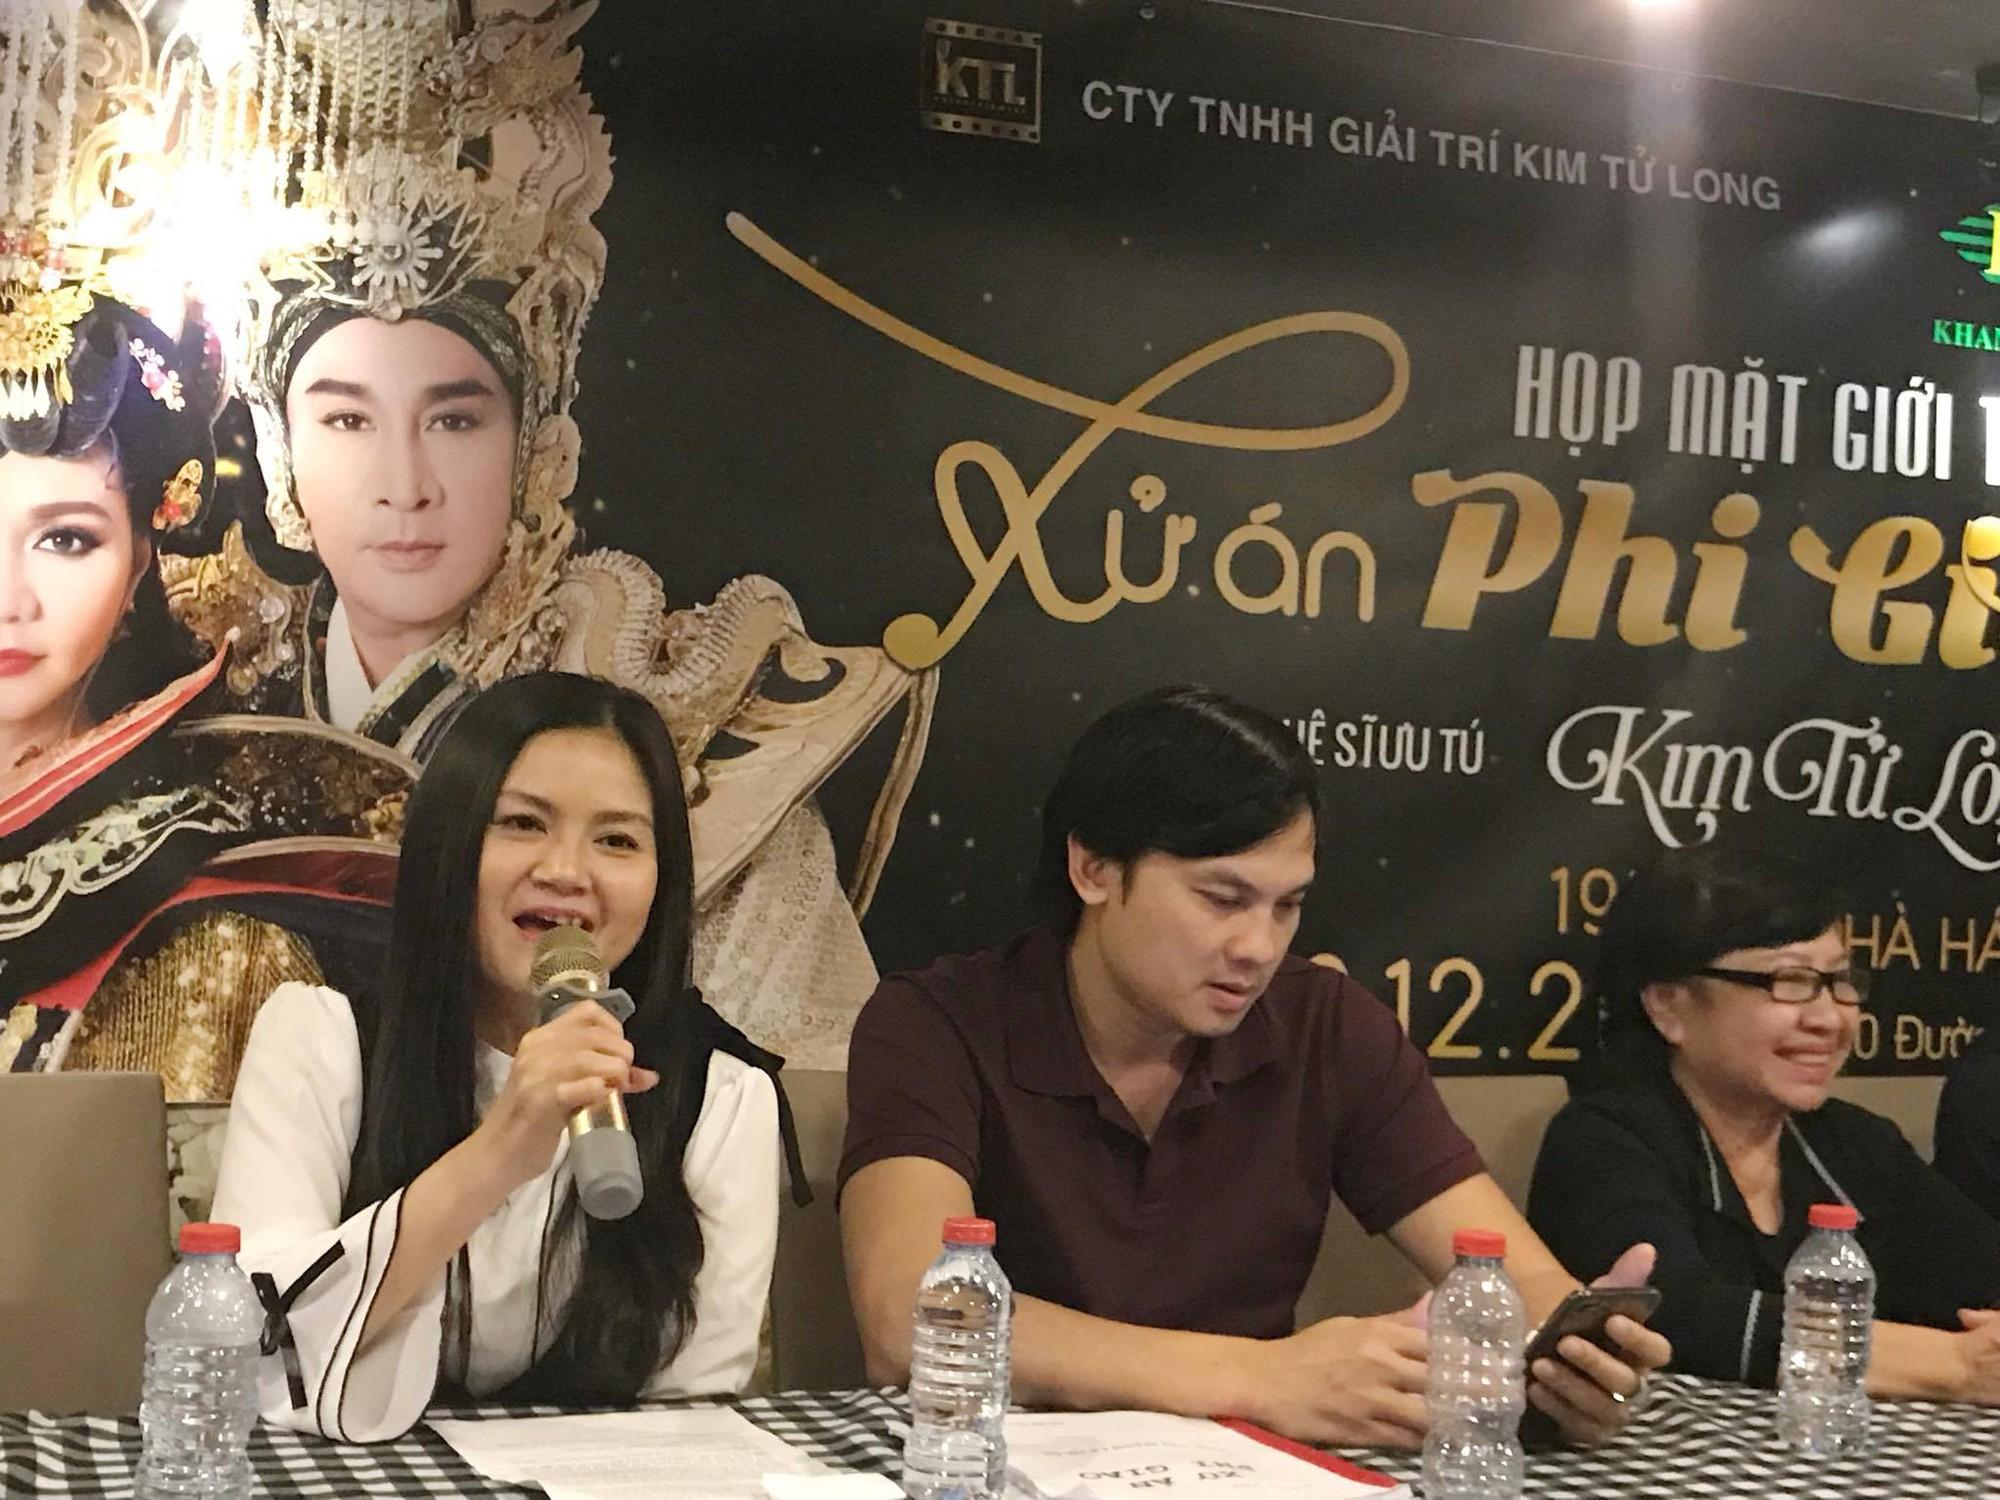 Vợ Kim Tử Long mắng yêu chồng trong buổi họp báo - Ảnh 2.